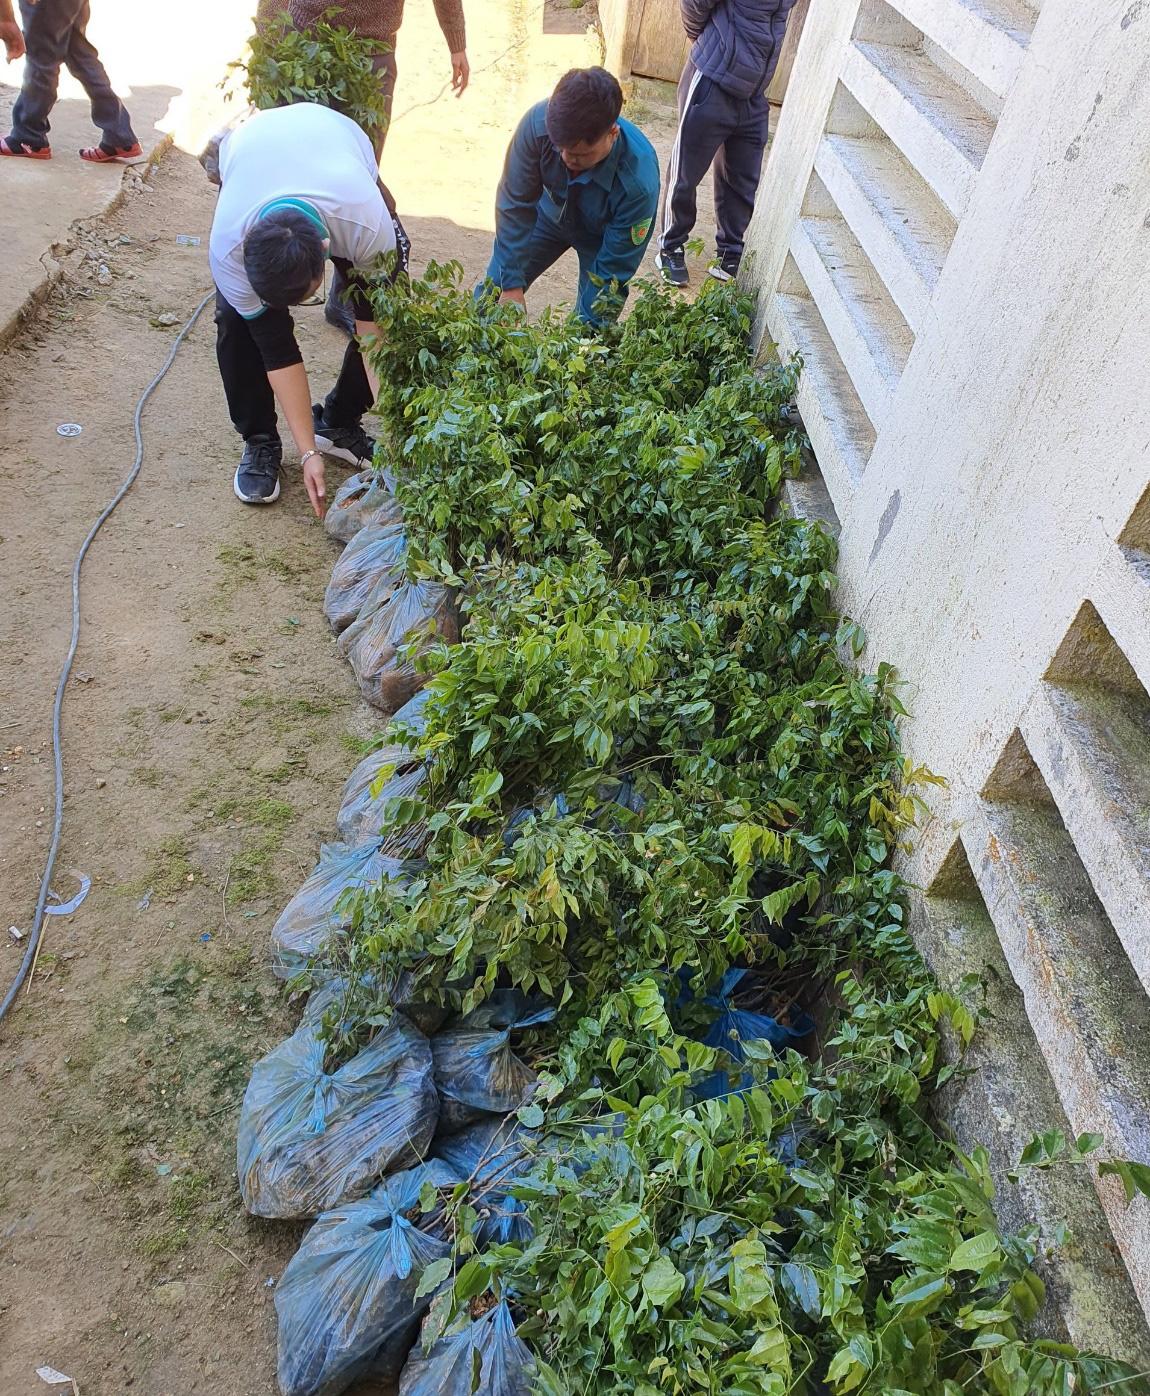 Trồng hàng ngàn cây xanh trên đất Quảng Nam để bảo vệ môi trường - Ảnh 2.